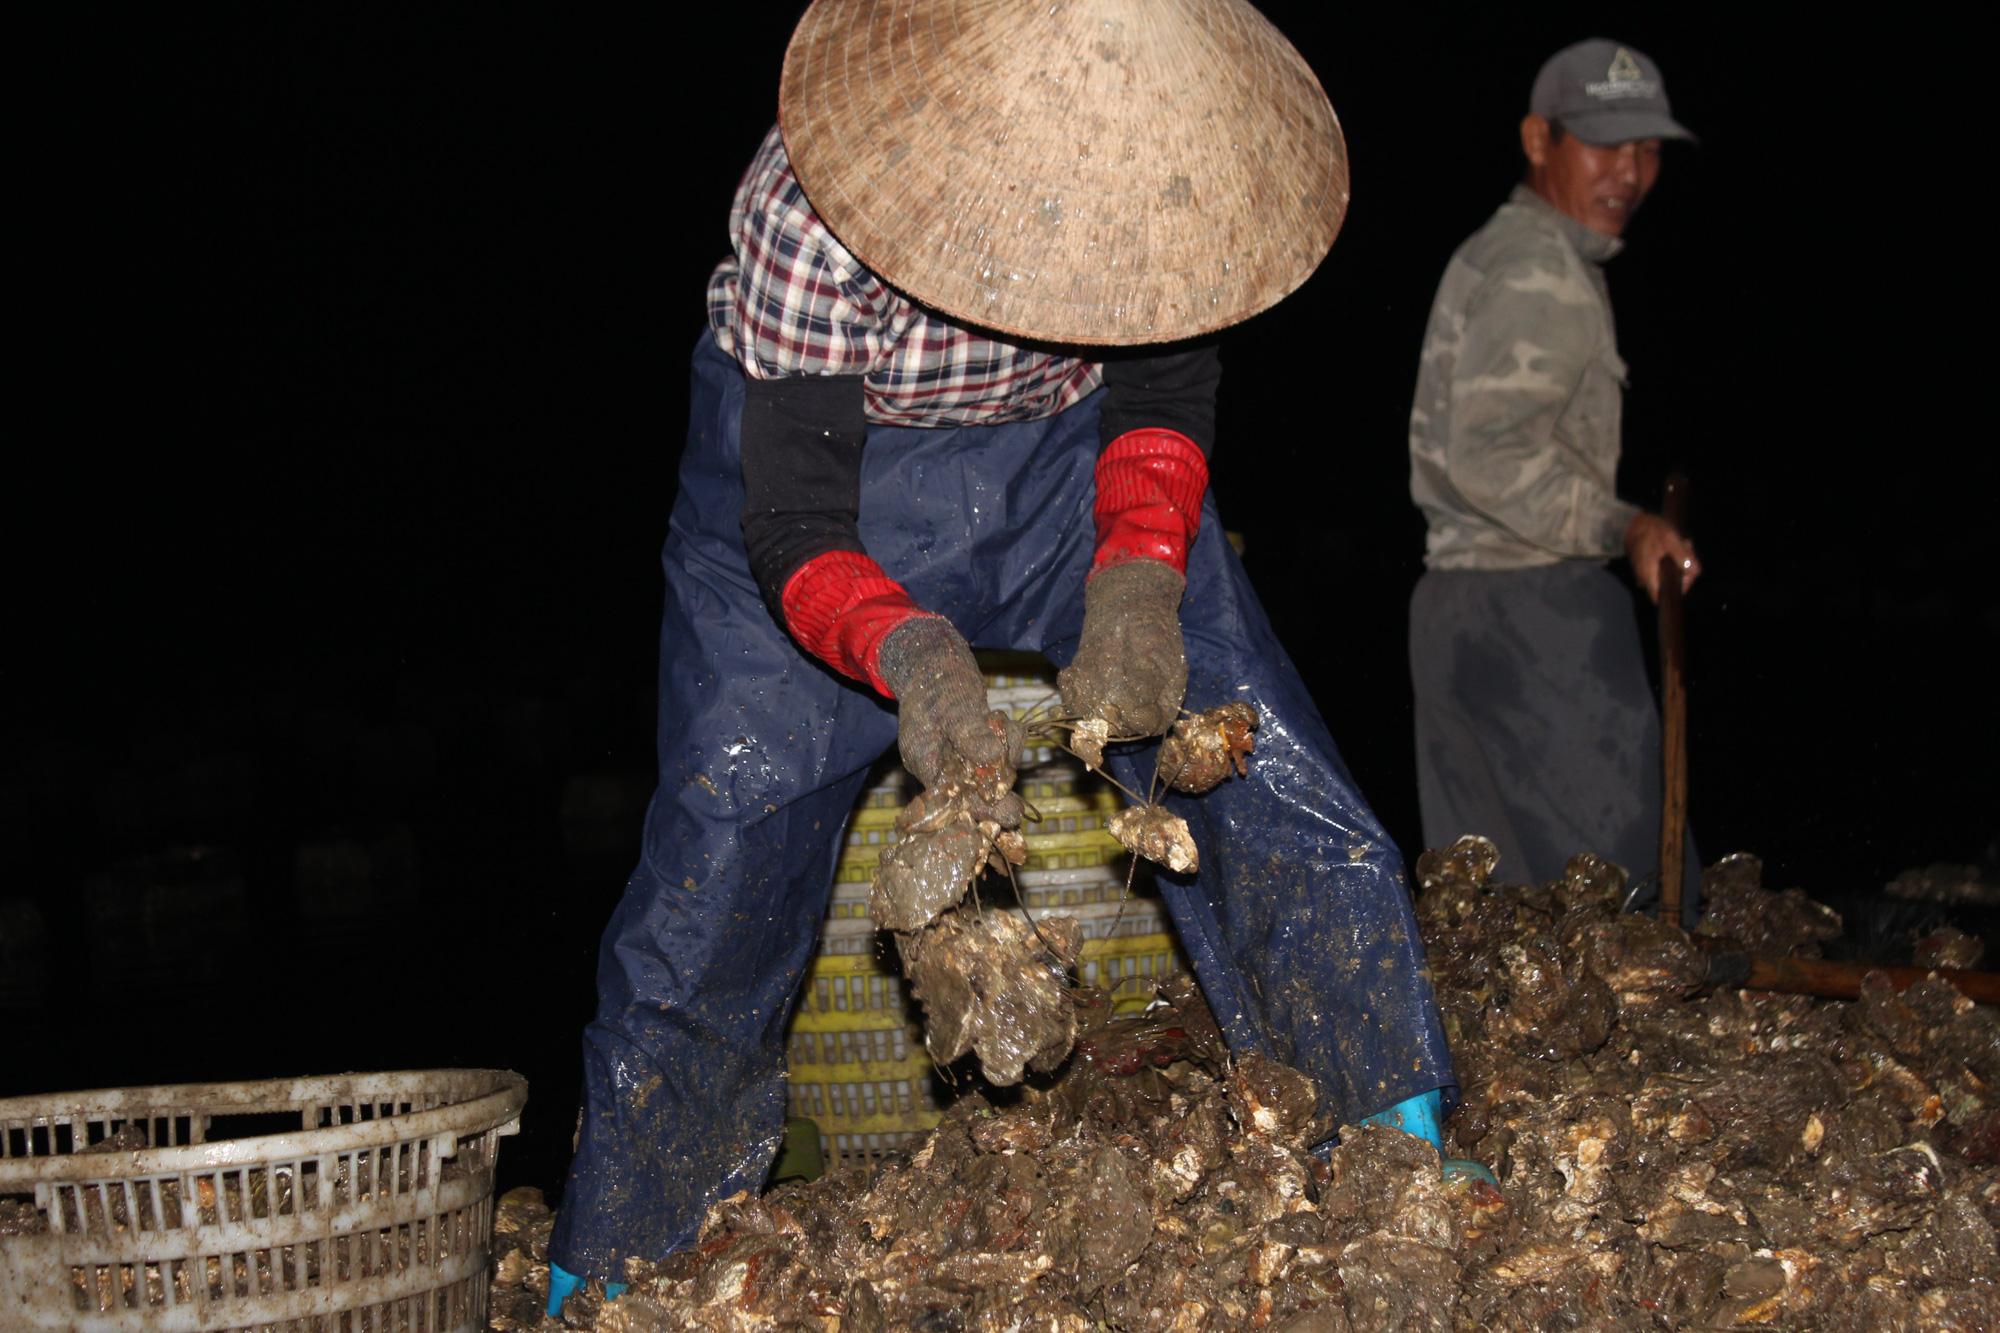 Quảng Ninh: Hàu sữa rớt giá vì dịch COVID-19, ngư dân trắng đêm thu hoạch - Ảnh 6.